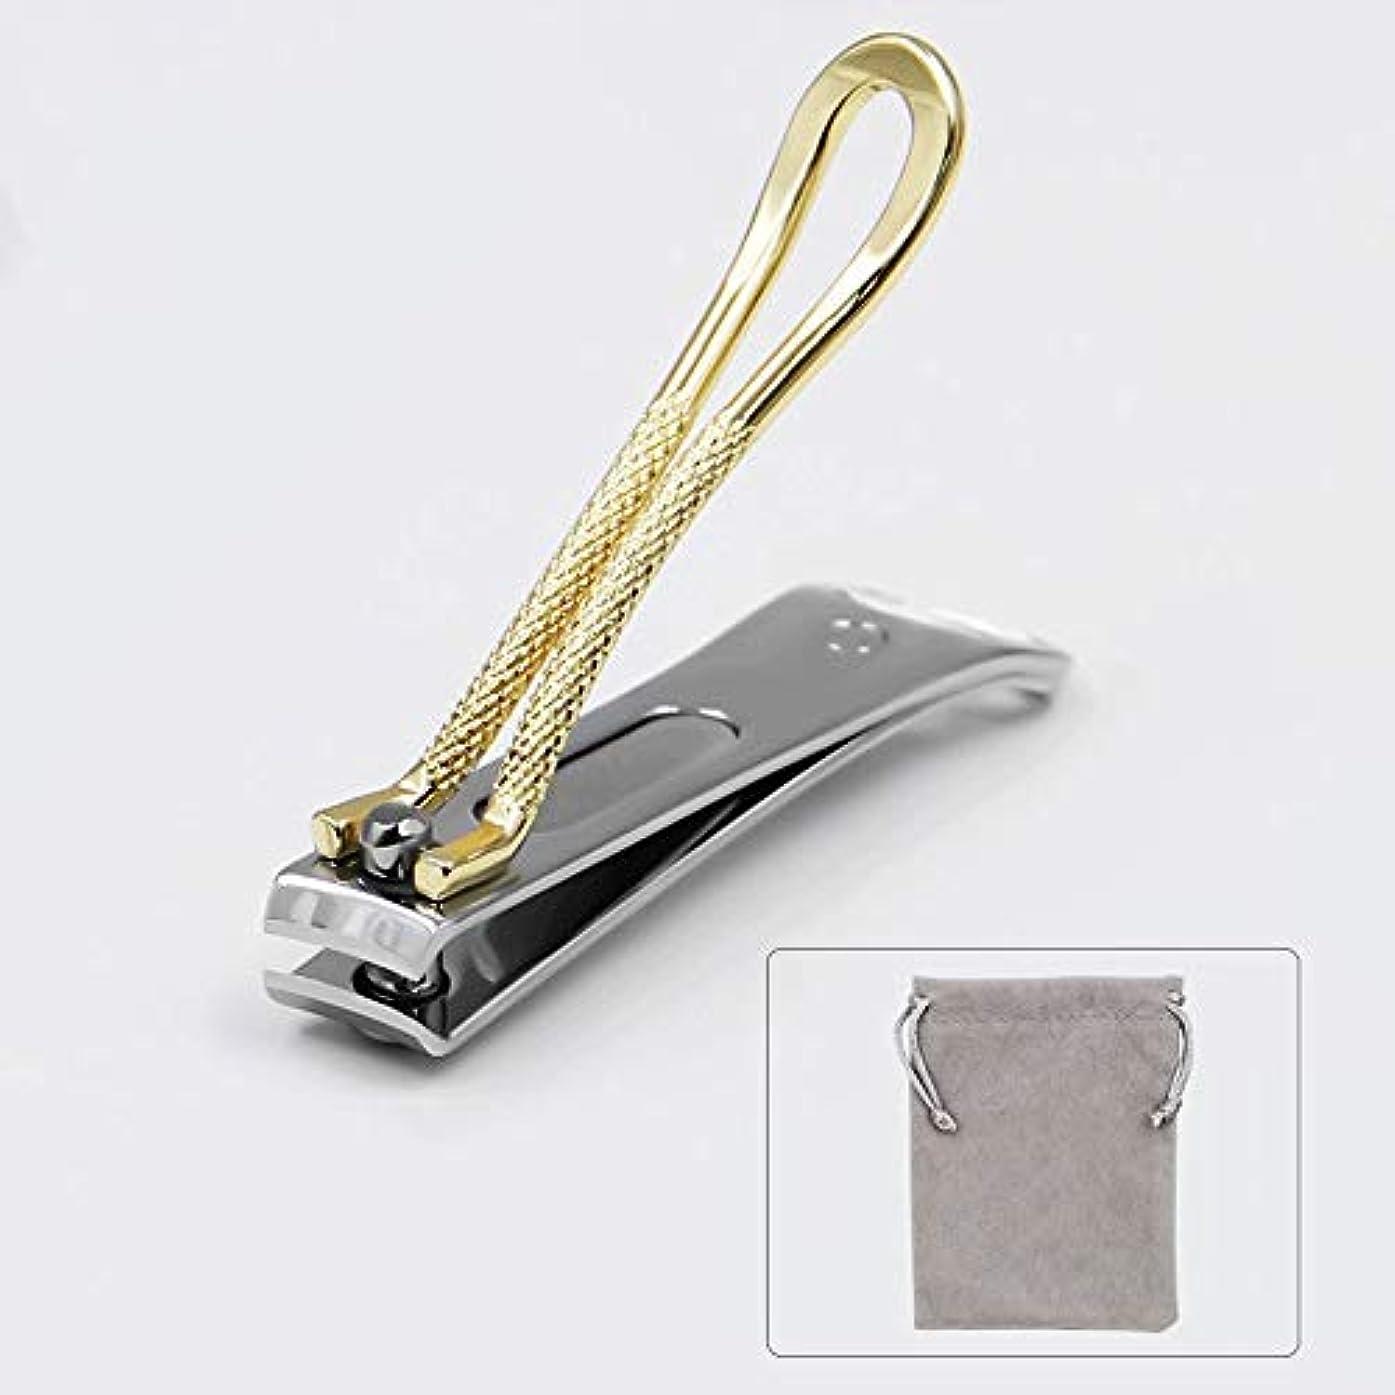 拳虐殺ナビゲーションネイルクリッパーセット、爪&足の爪切り、大人のための耐久性のある鋭いステンレス鋼のネイルカッター Blingstars